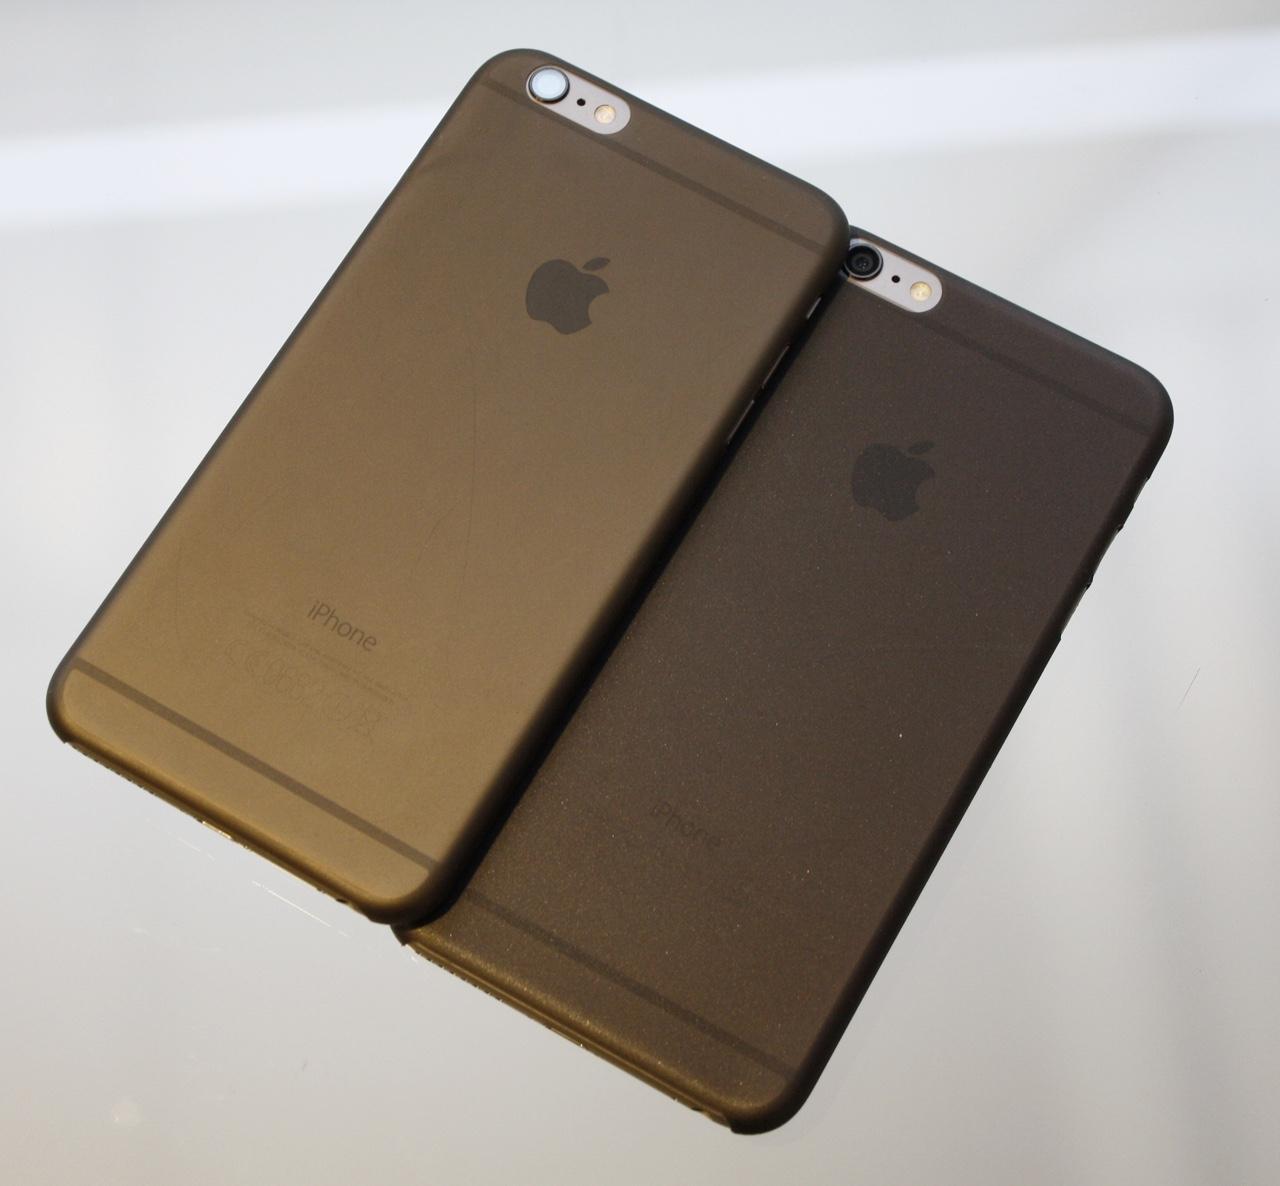 Comparatif : Peel et Doupi, deux coques extra-fines pour iPhone 6 Plus ...